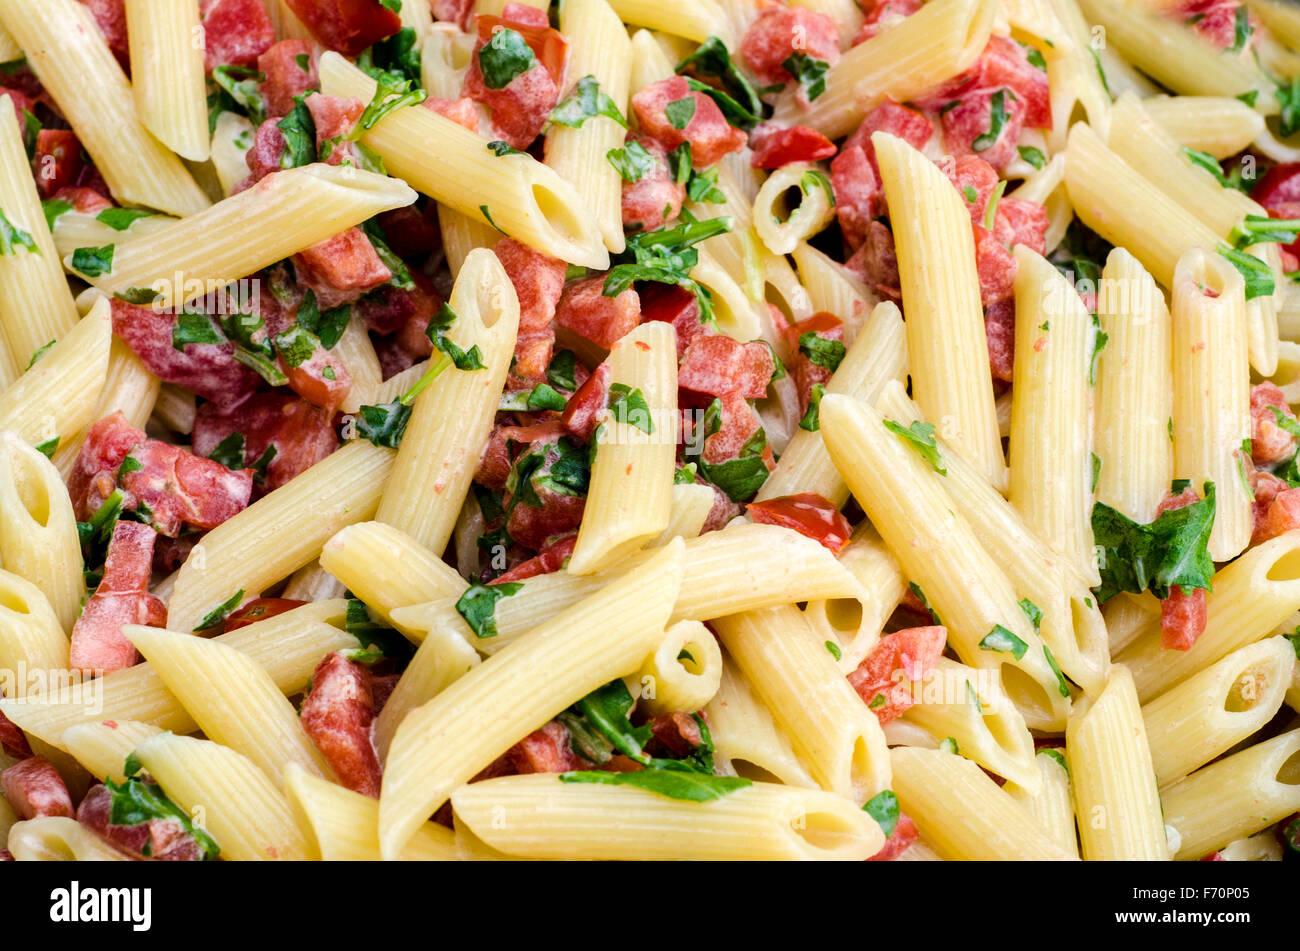 Il cibo italiano: Pasta chiamati mezze pennette con i pomodori in pezzi e foglie di rucola. Campione di texture Immagini Stock